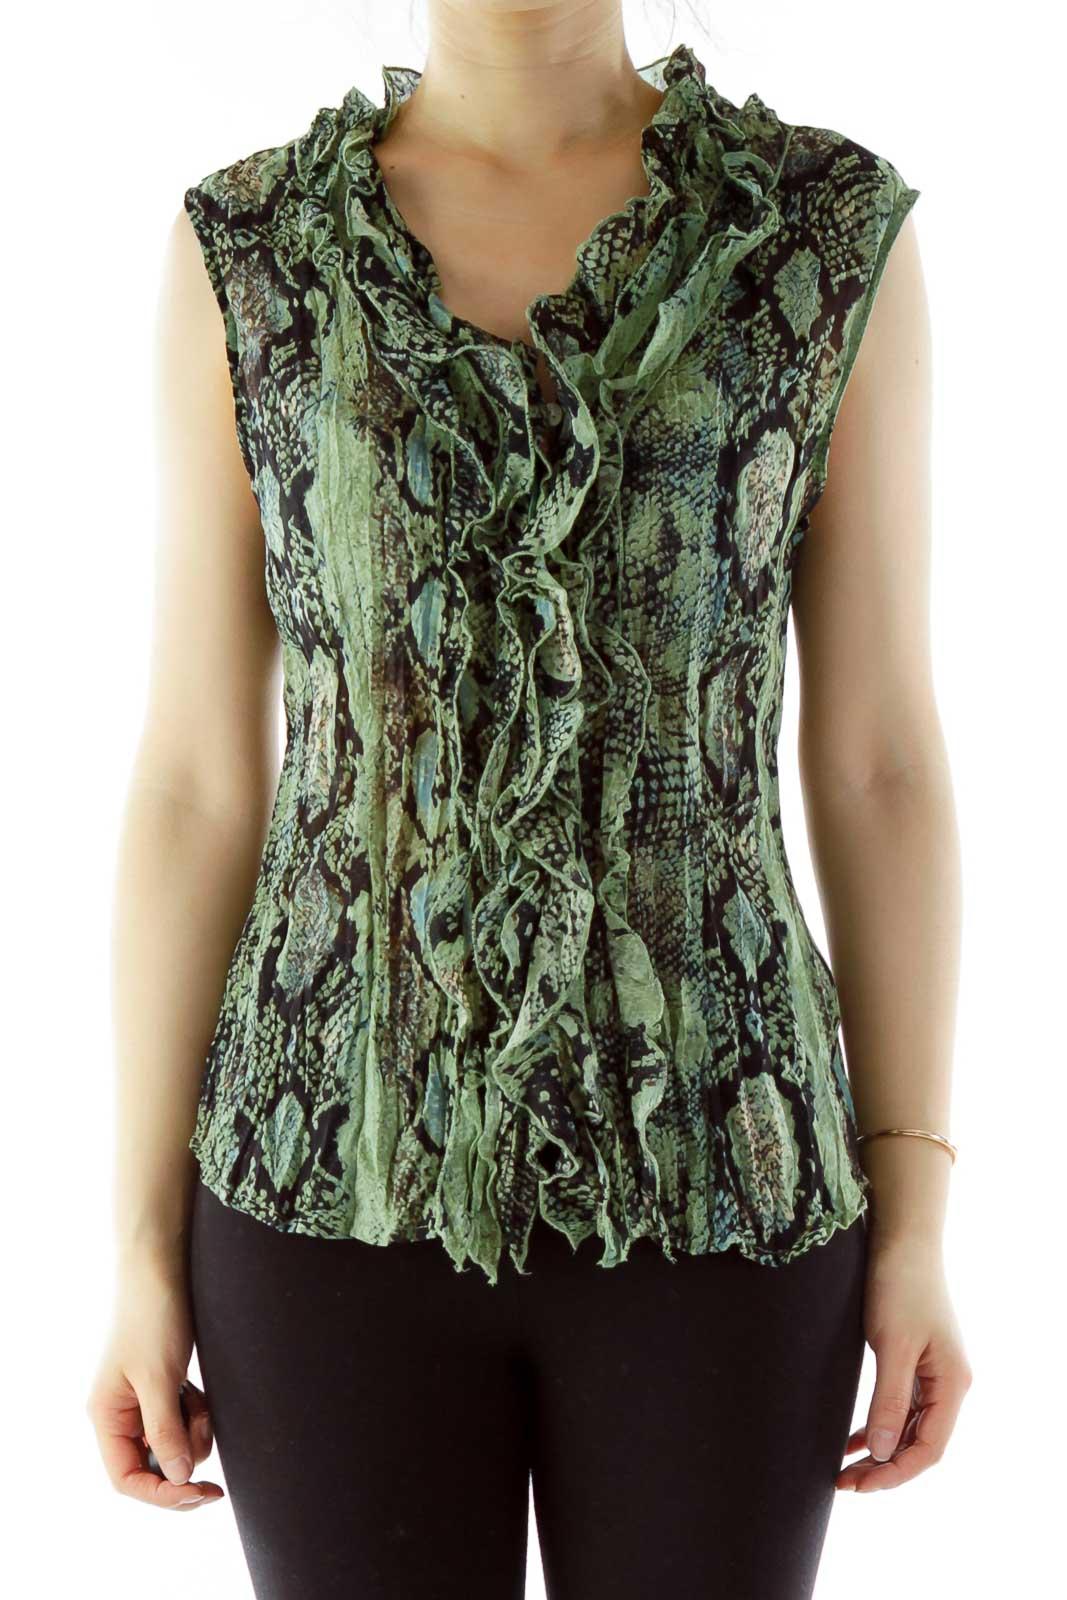 Green Black Ruffled Elastic Snake Skin Blouse Front